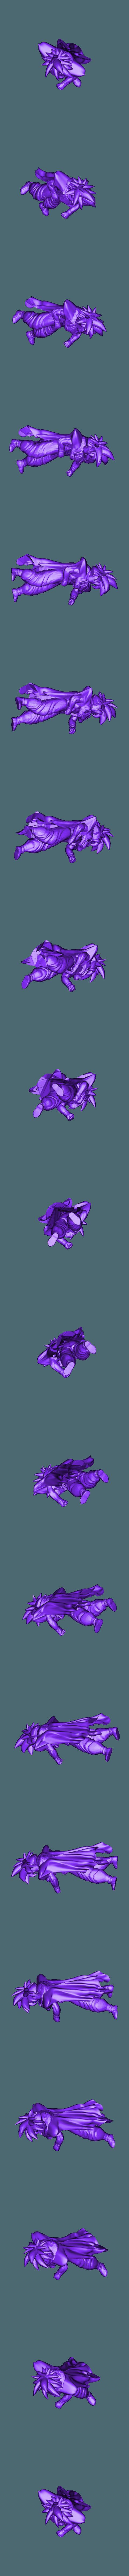 son gohan  cape.stl Download STL file Son Gohan, Piccolo cape • Object to 3D print, Majin59